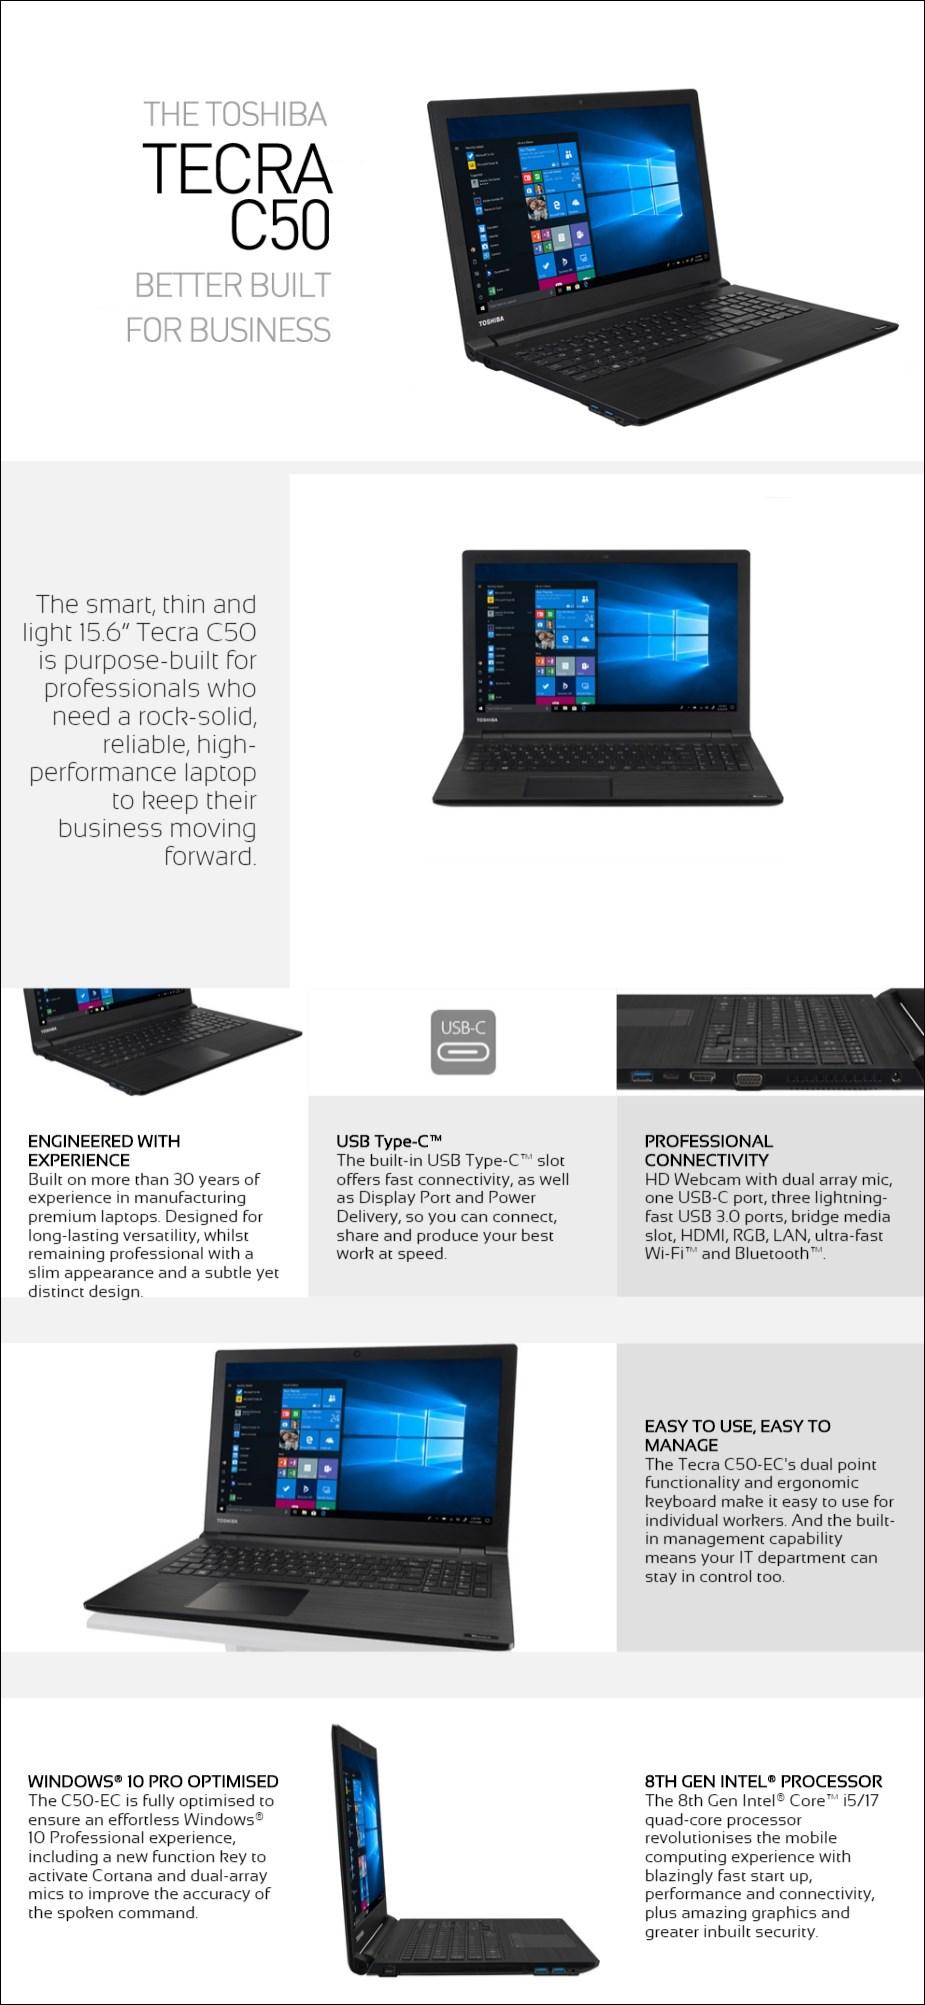 """Toshiba dynabook Tecra C50-EC 15.6"""" Laptop i7-8550U 8GB 256GB W10P - Overview 1"""